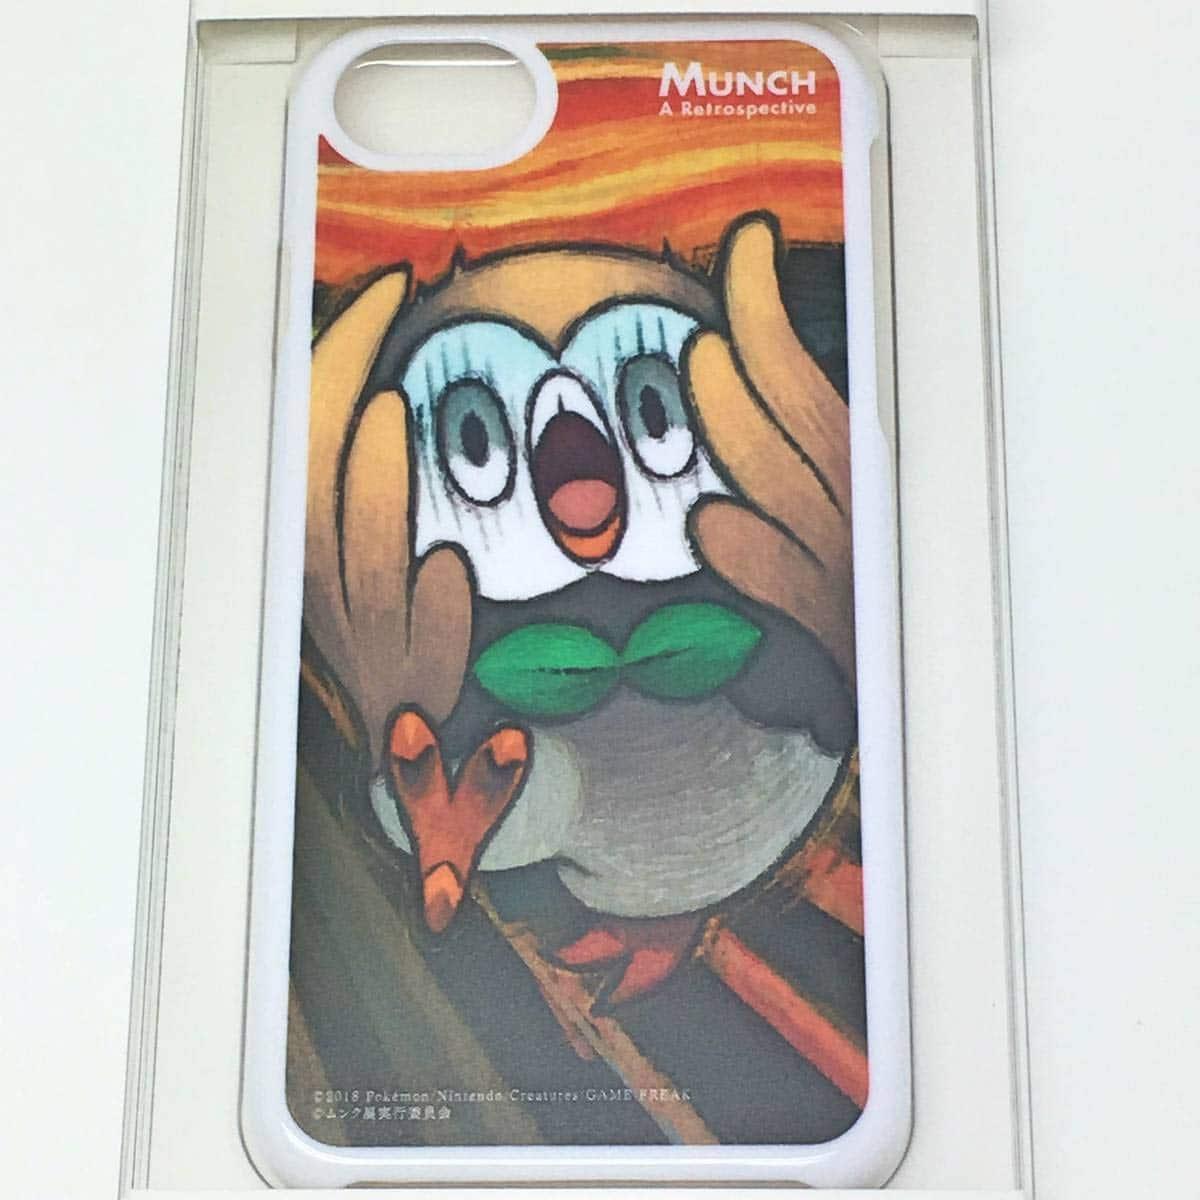 ムンク展 ポケモン コラボ iPhoneケース モクロー iPhone 8/7/6s/6 用シェルカバー スマホケース 限定 グッズ 叫び